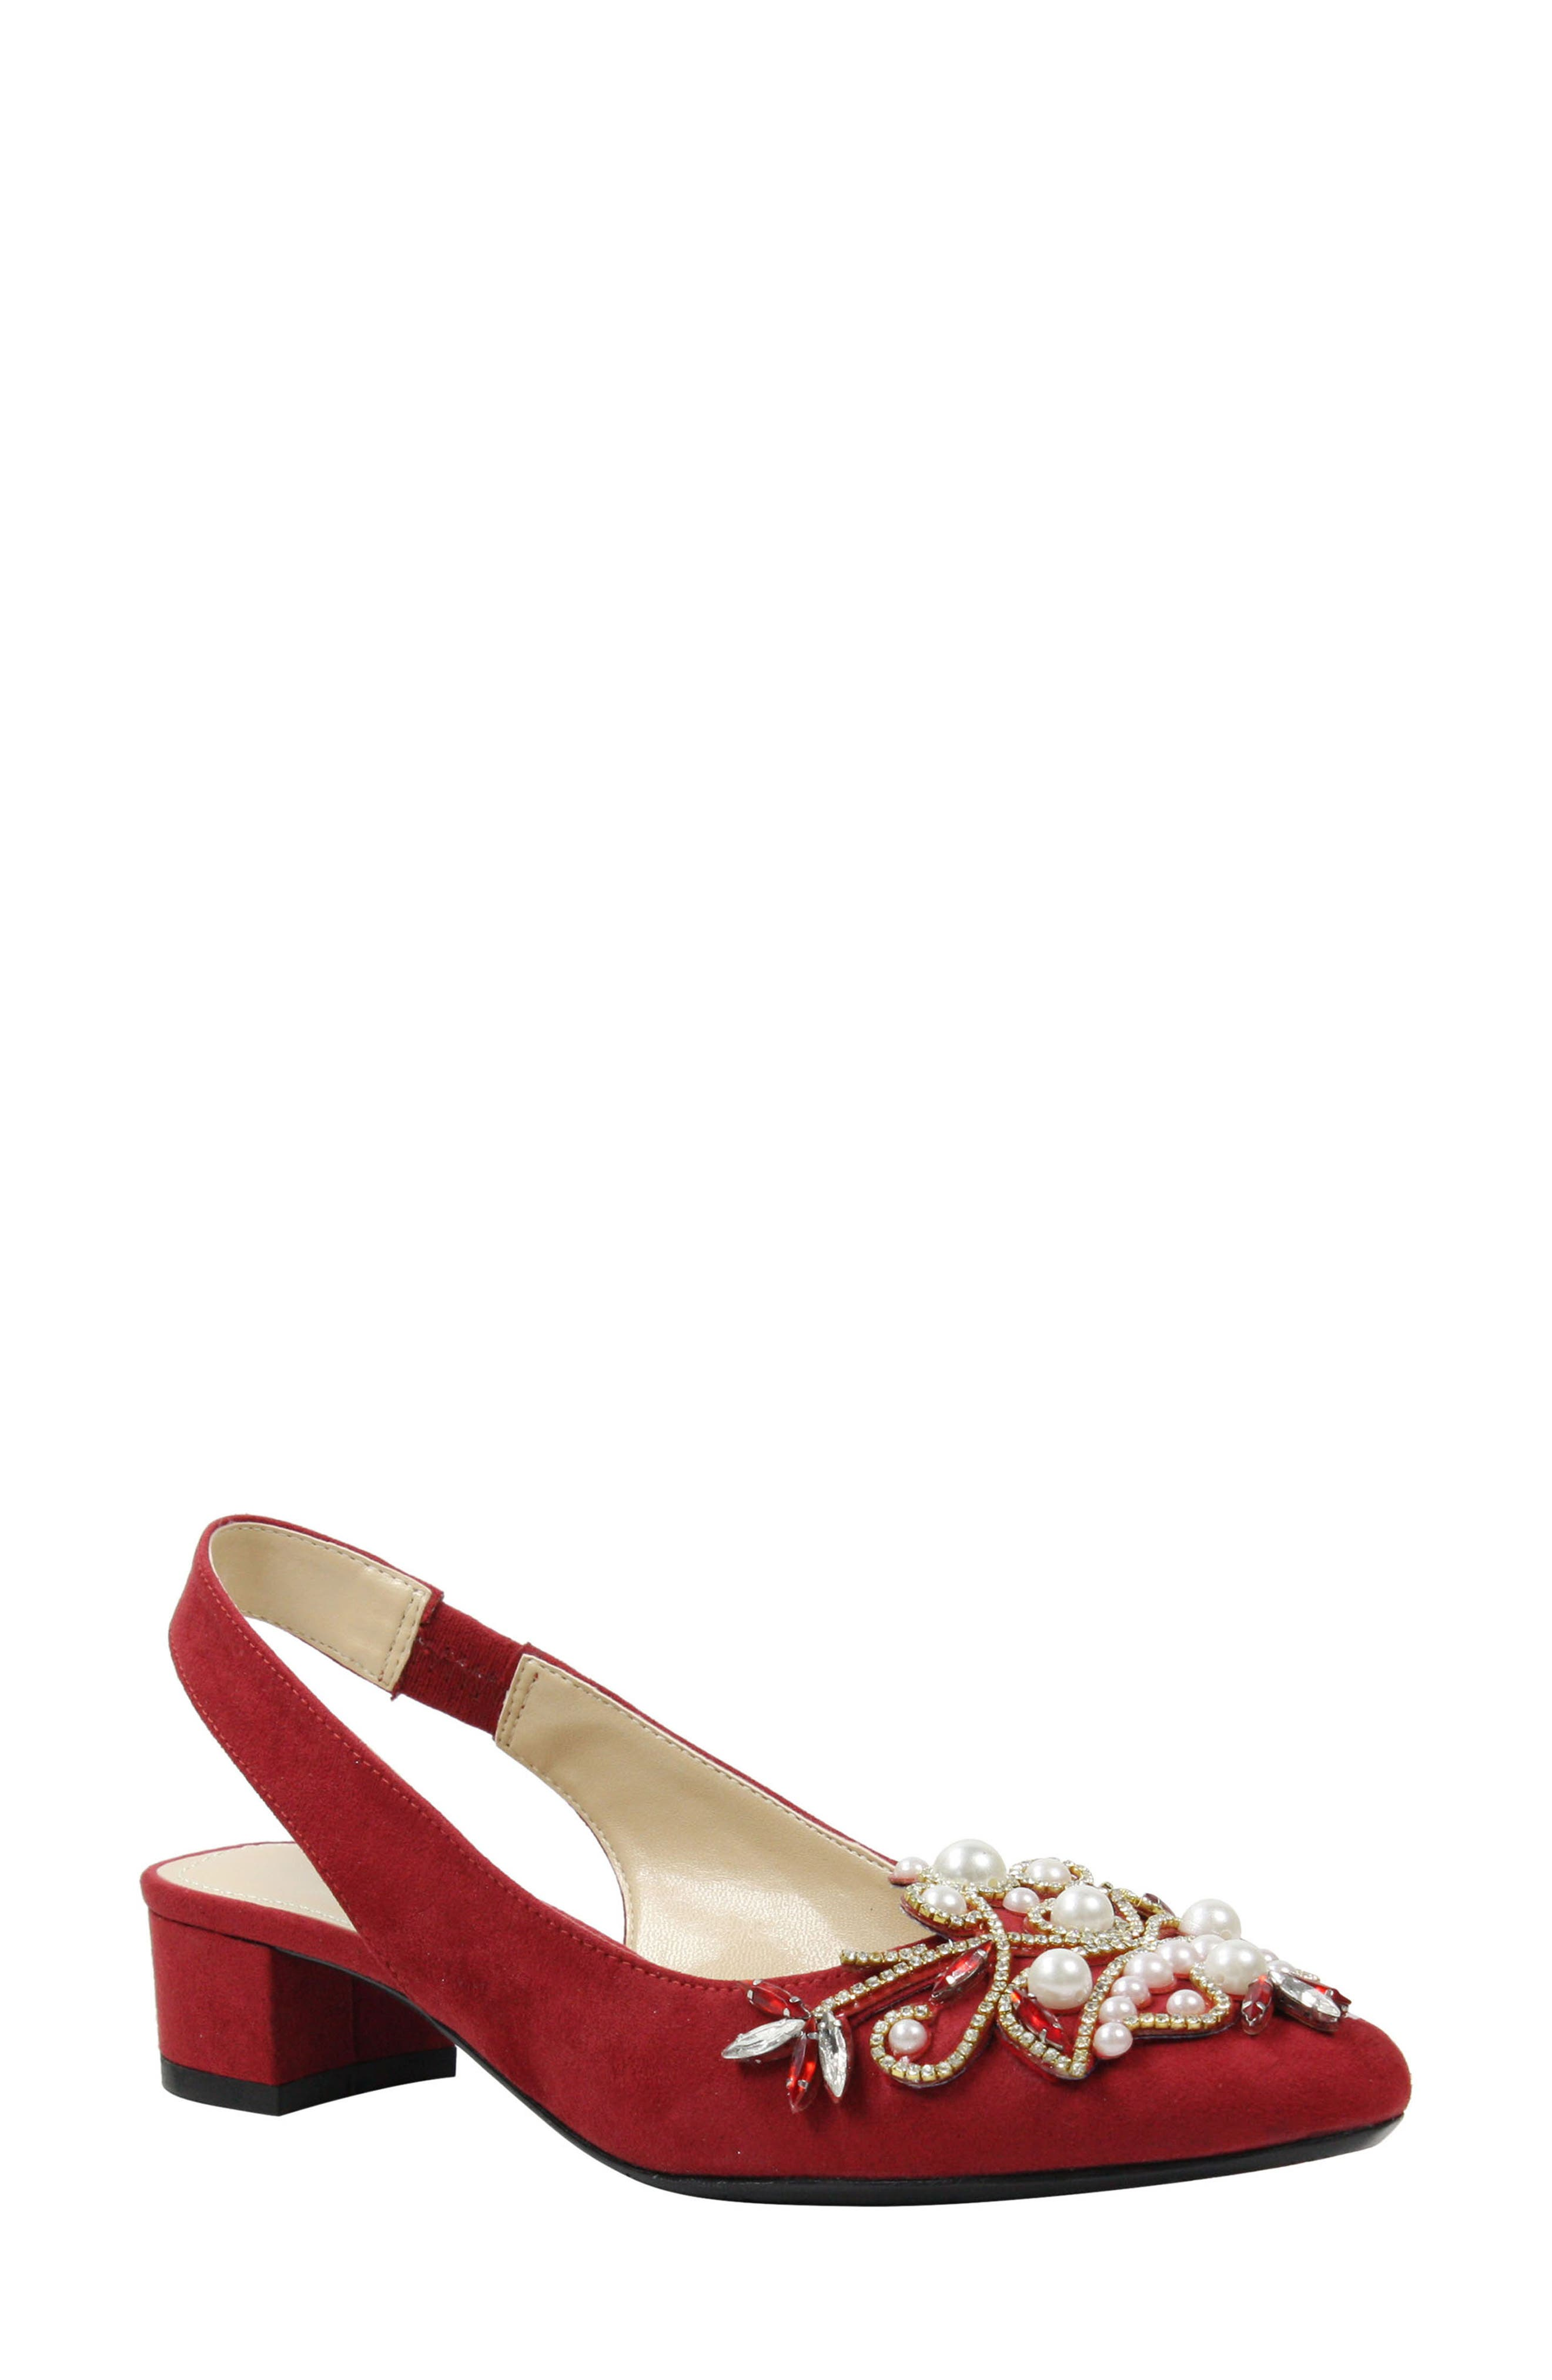 J. Renee Delroy Embellished Slingback Pump B - Red